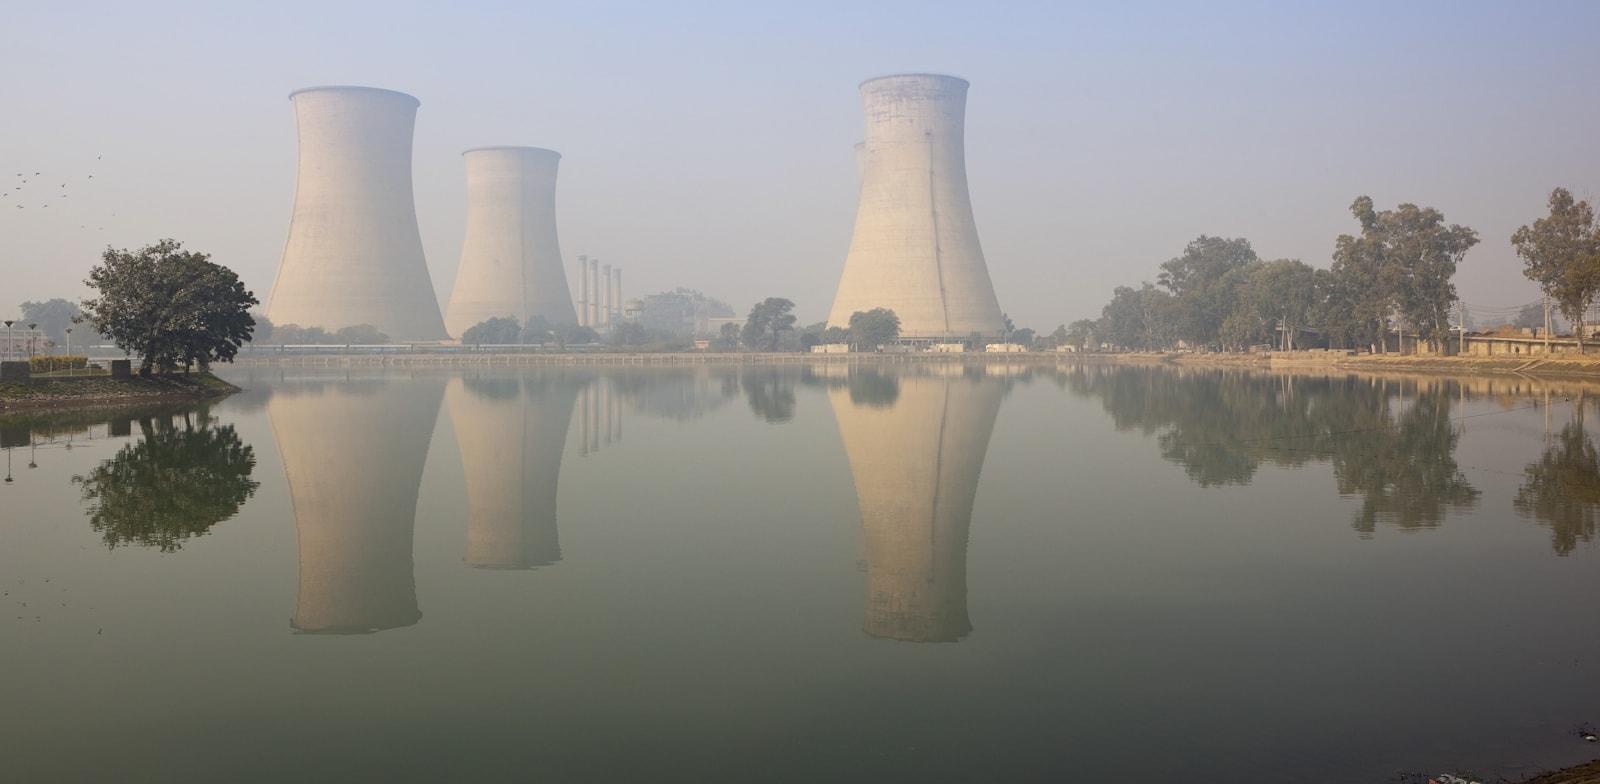 תחנת כוח בפנג'אב, הודו / צילום: Shutterstock, EMJAY SMITH